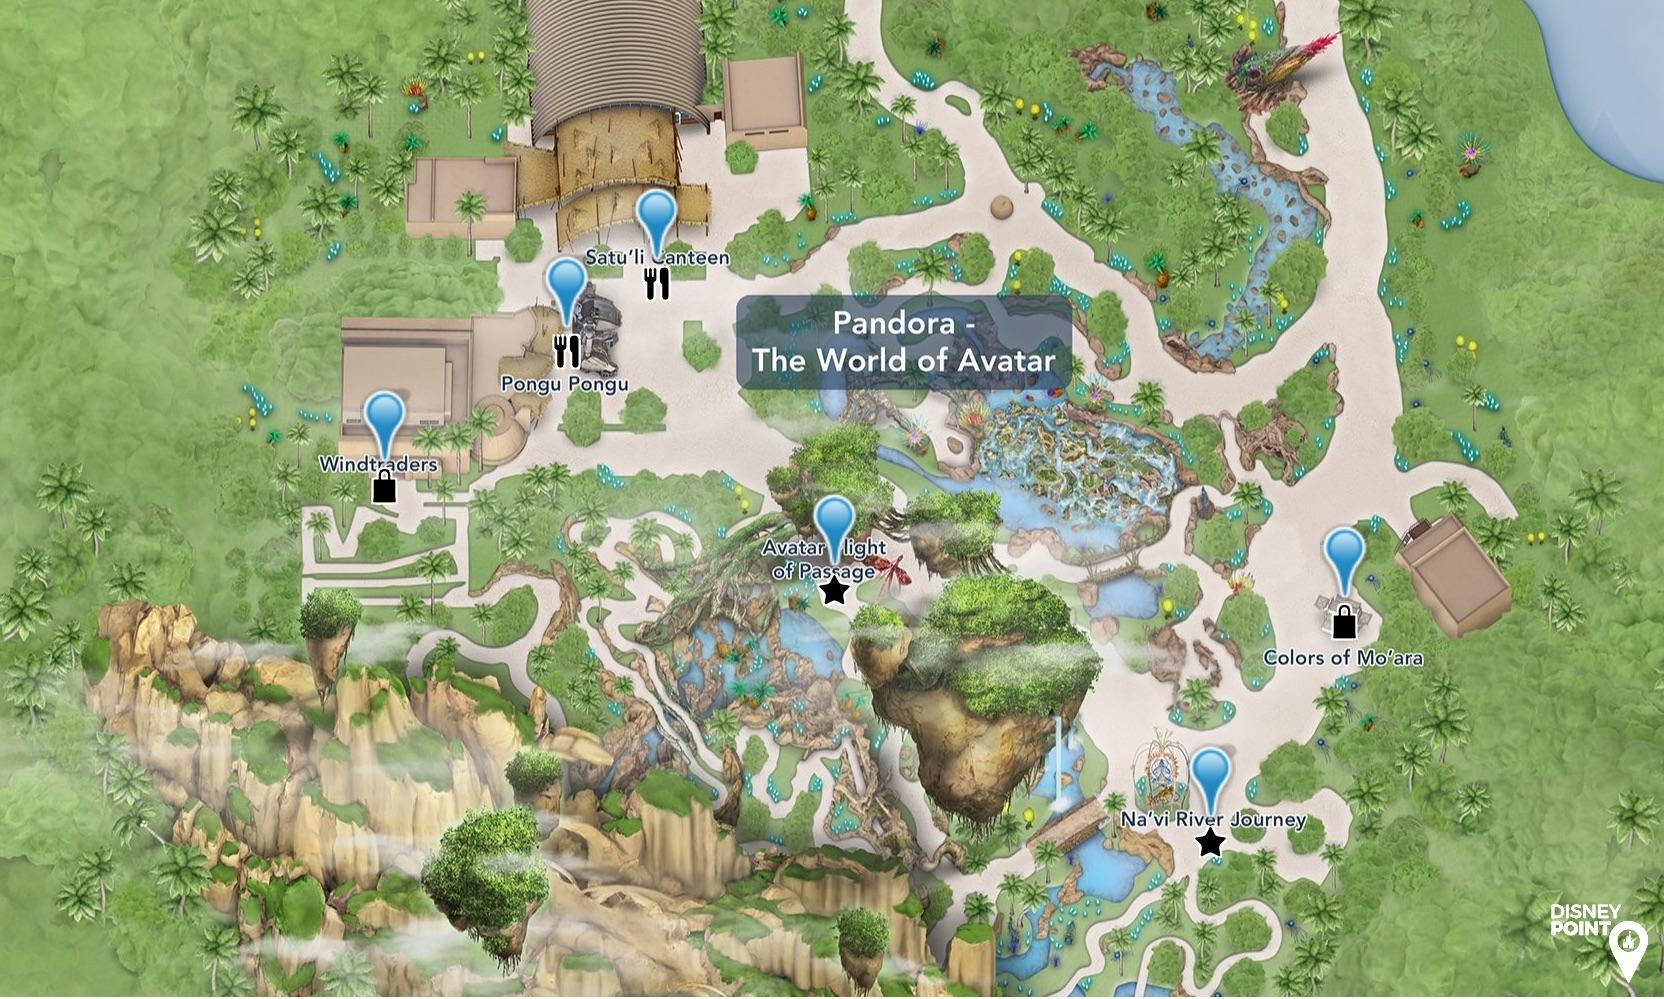 Guia para Explorar Pandora na Disney